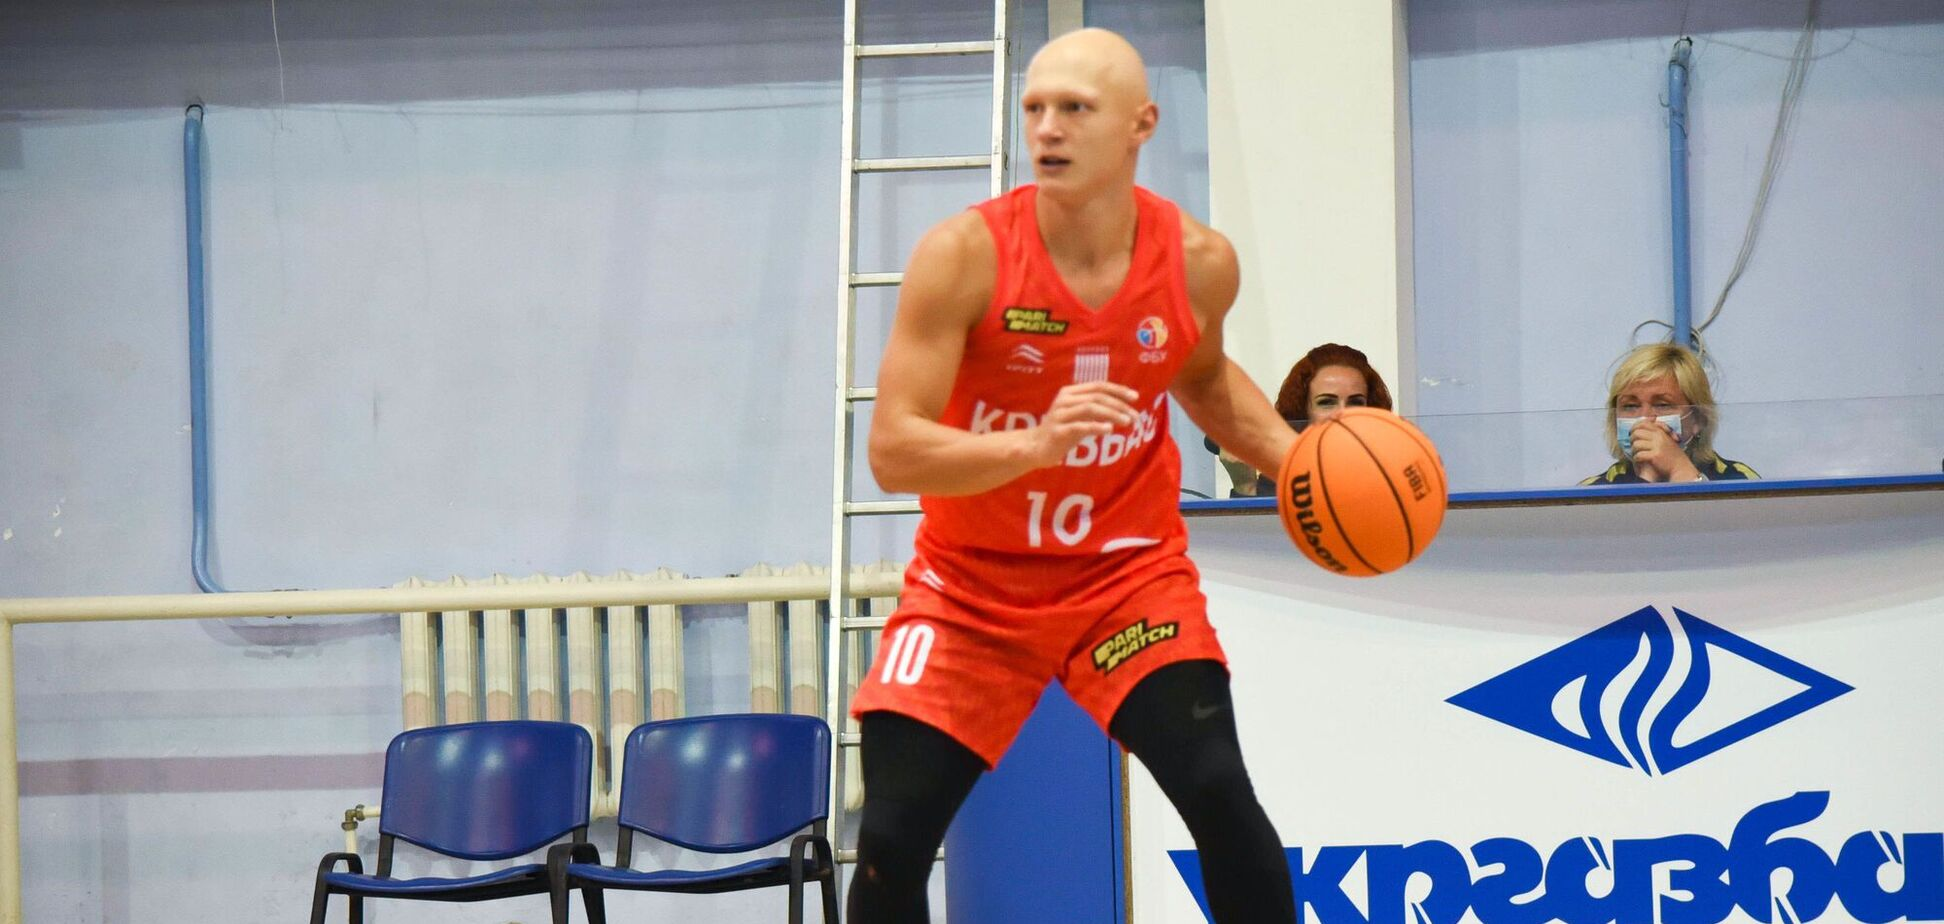 Камбек 'Київ-Баскета' з '-25', перемога новачка: результати Суперліги Windrose 1 жовтня